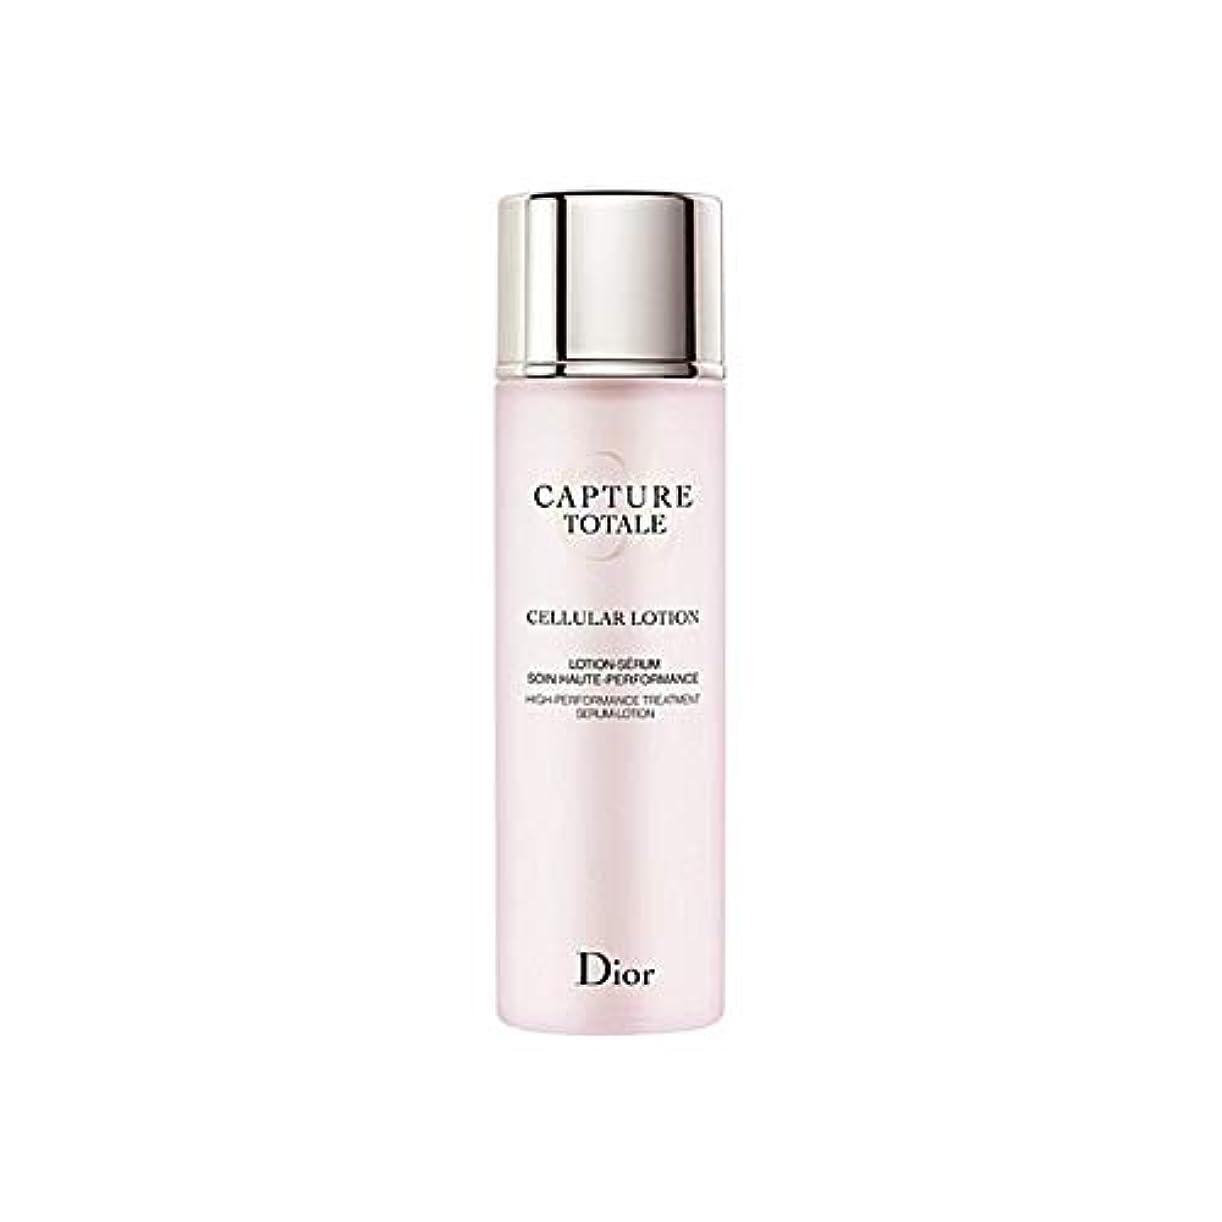 水没完璧なハイジャック[Dior] ディオールキャプチャカプチュールトータルセルラーローション - Dior Capture Totale Cellular Lotion [並行輸入品]